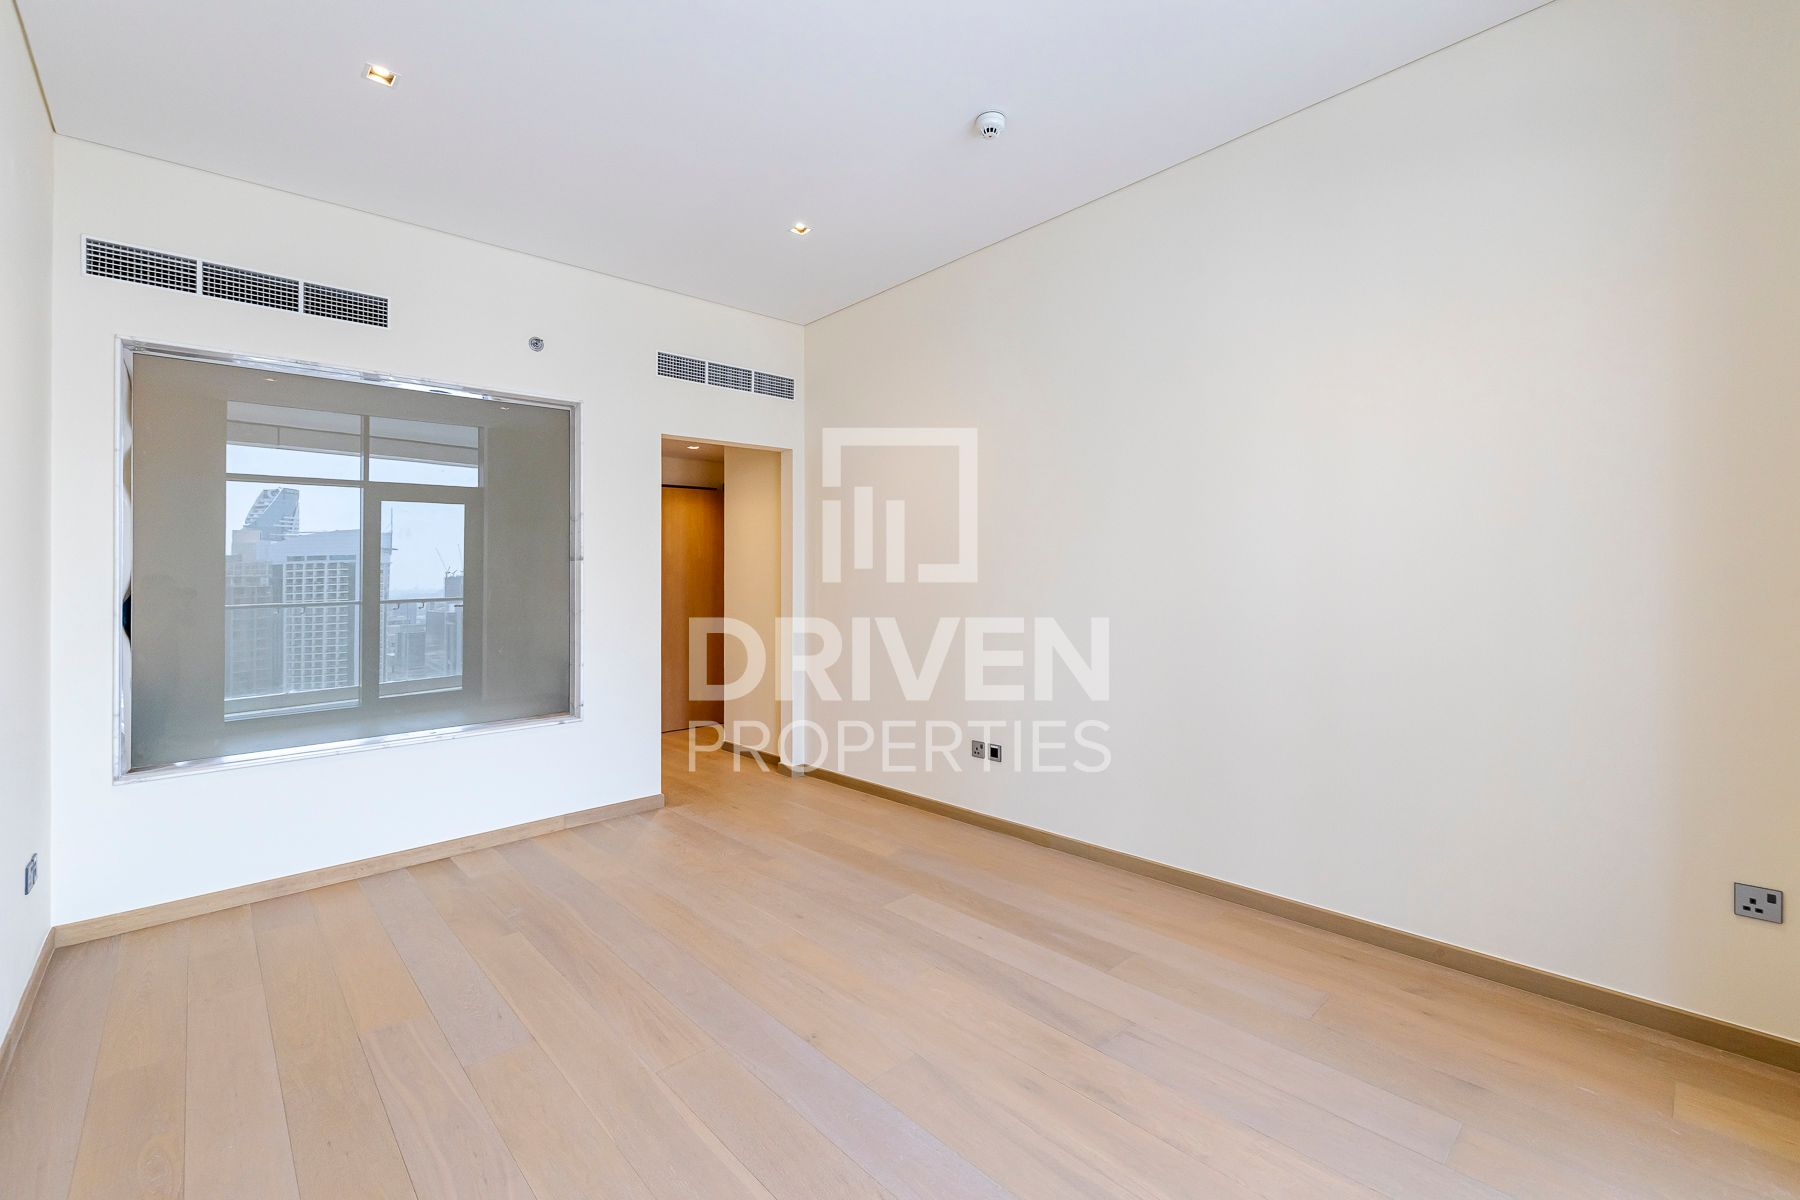 2,060 قدم مربع  شقة - للبيع - دبي وسط المدينة